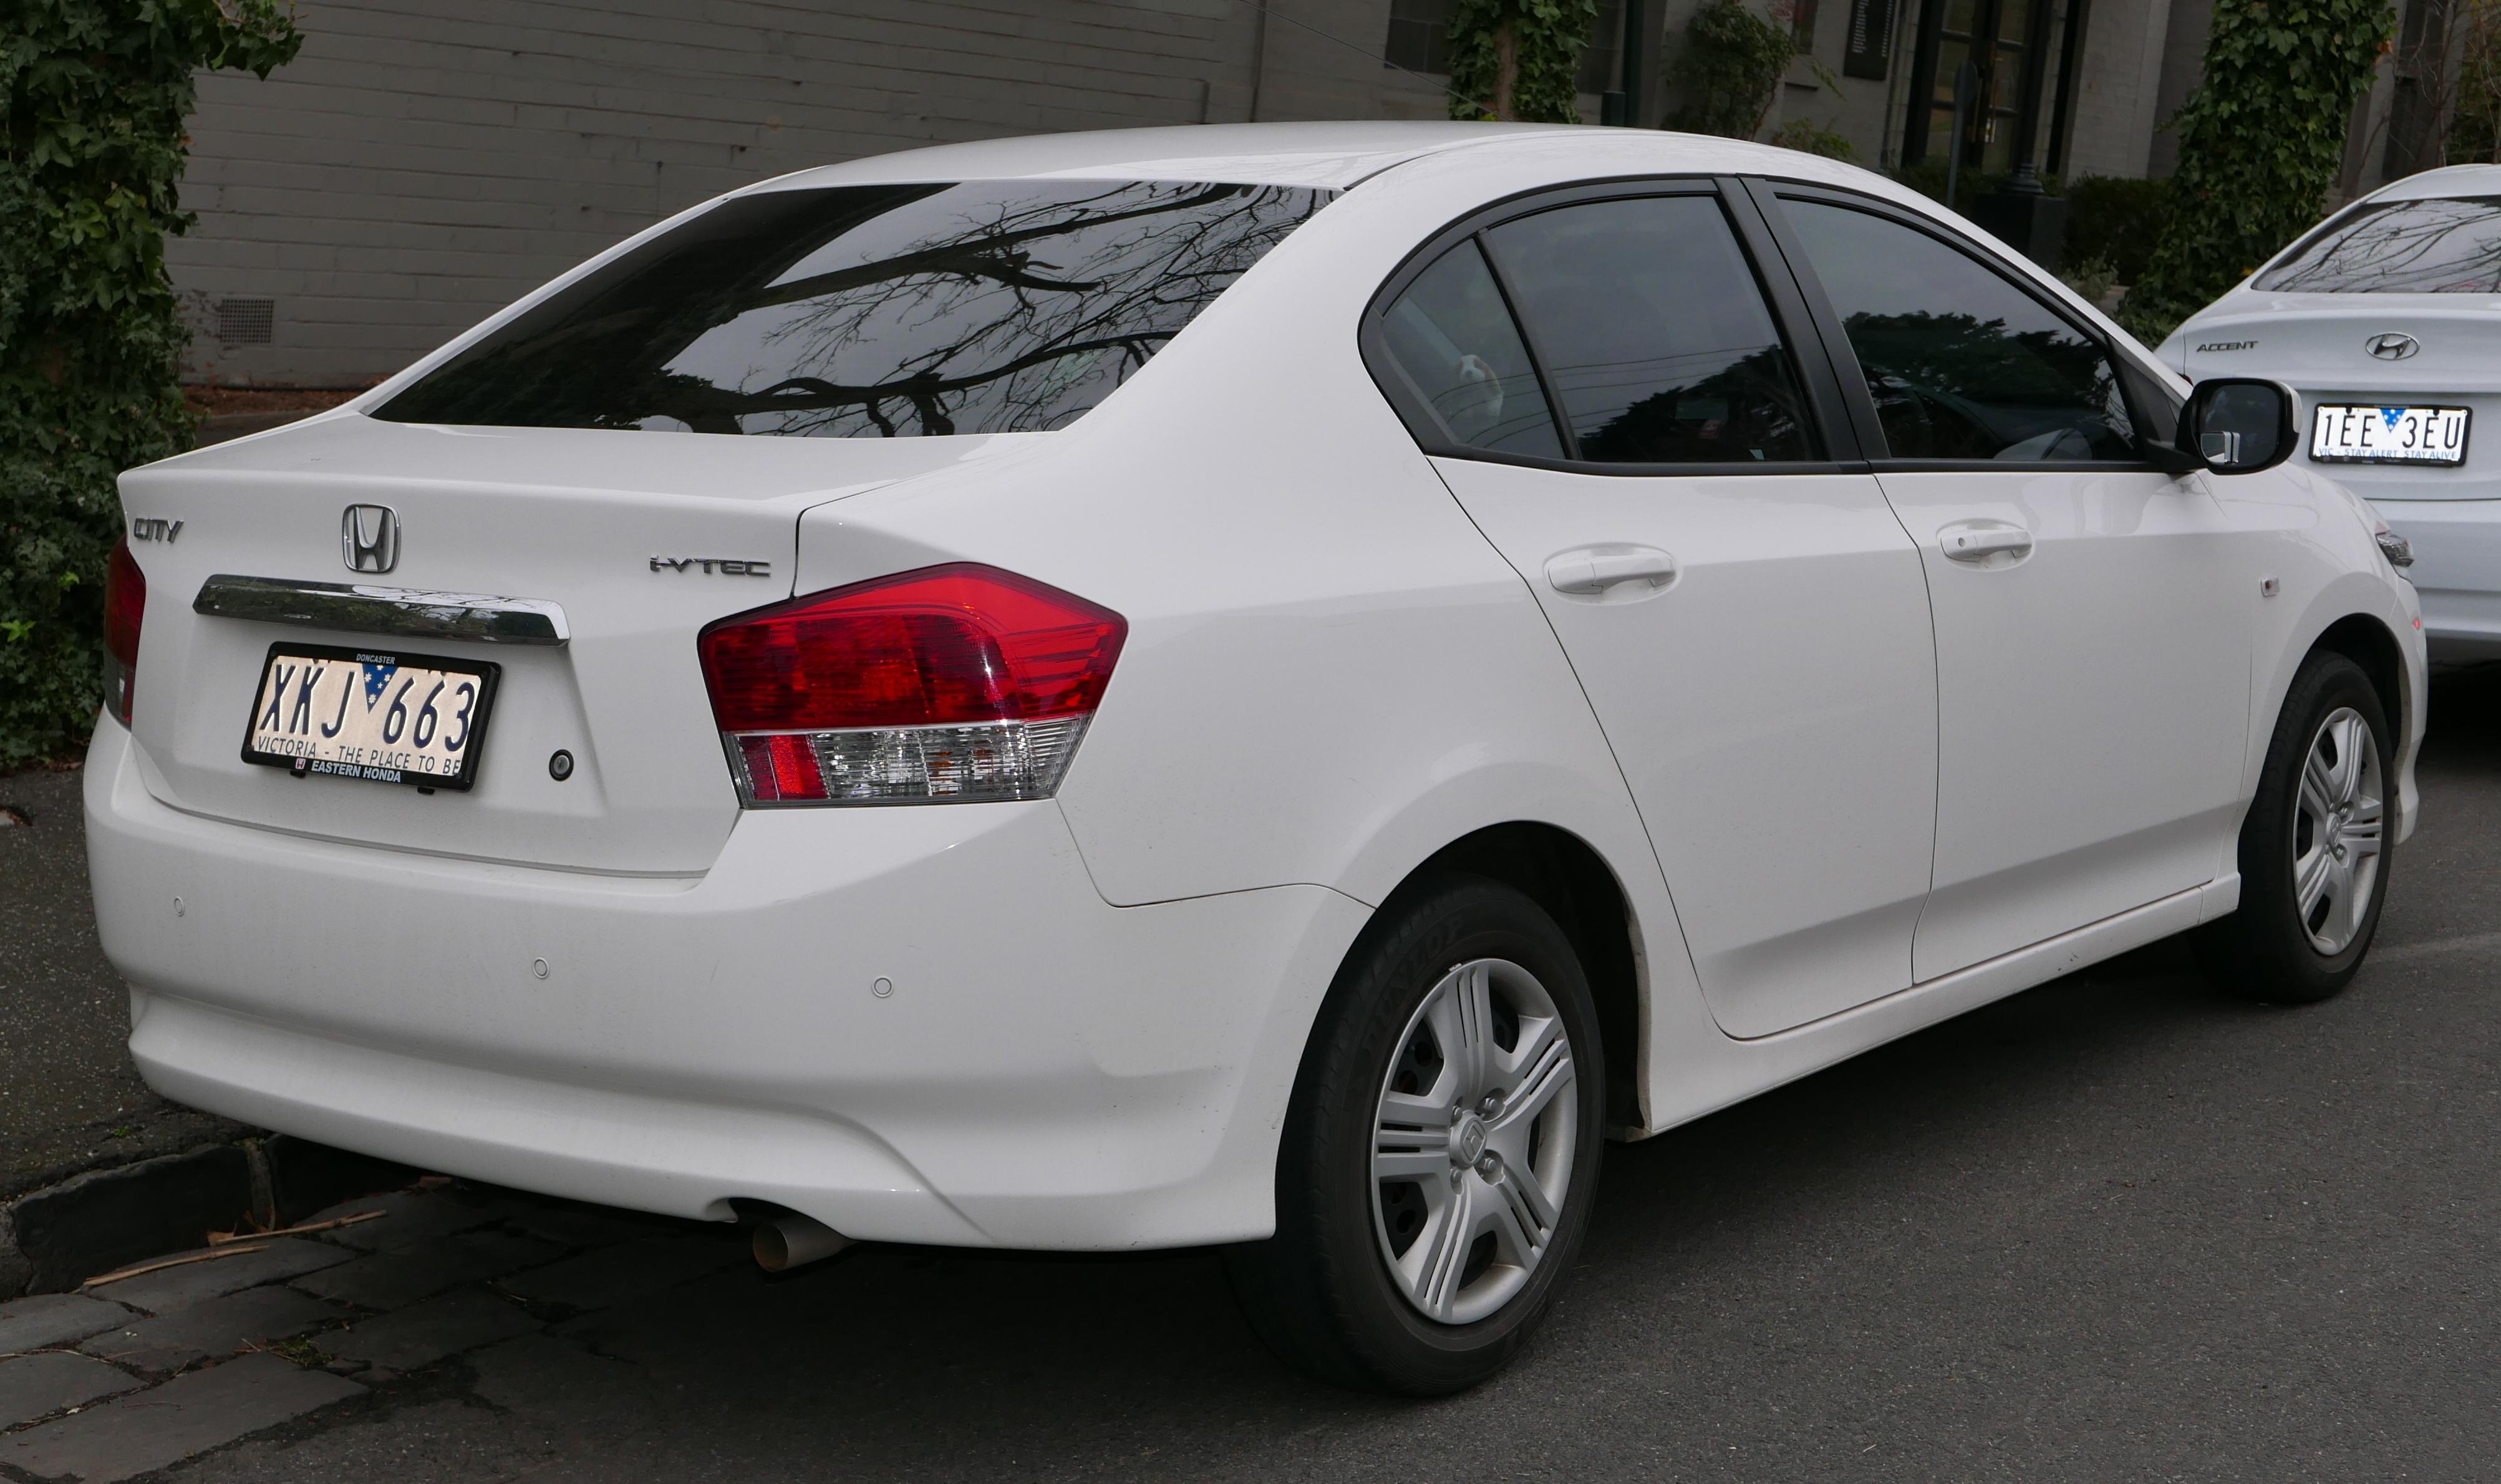 File:2009 Honda City (GM2 MY09) VTi sedan (2015-07-09) 02.jpg - Wikimedia Commons